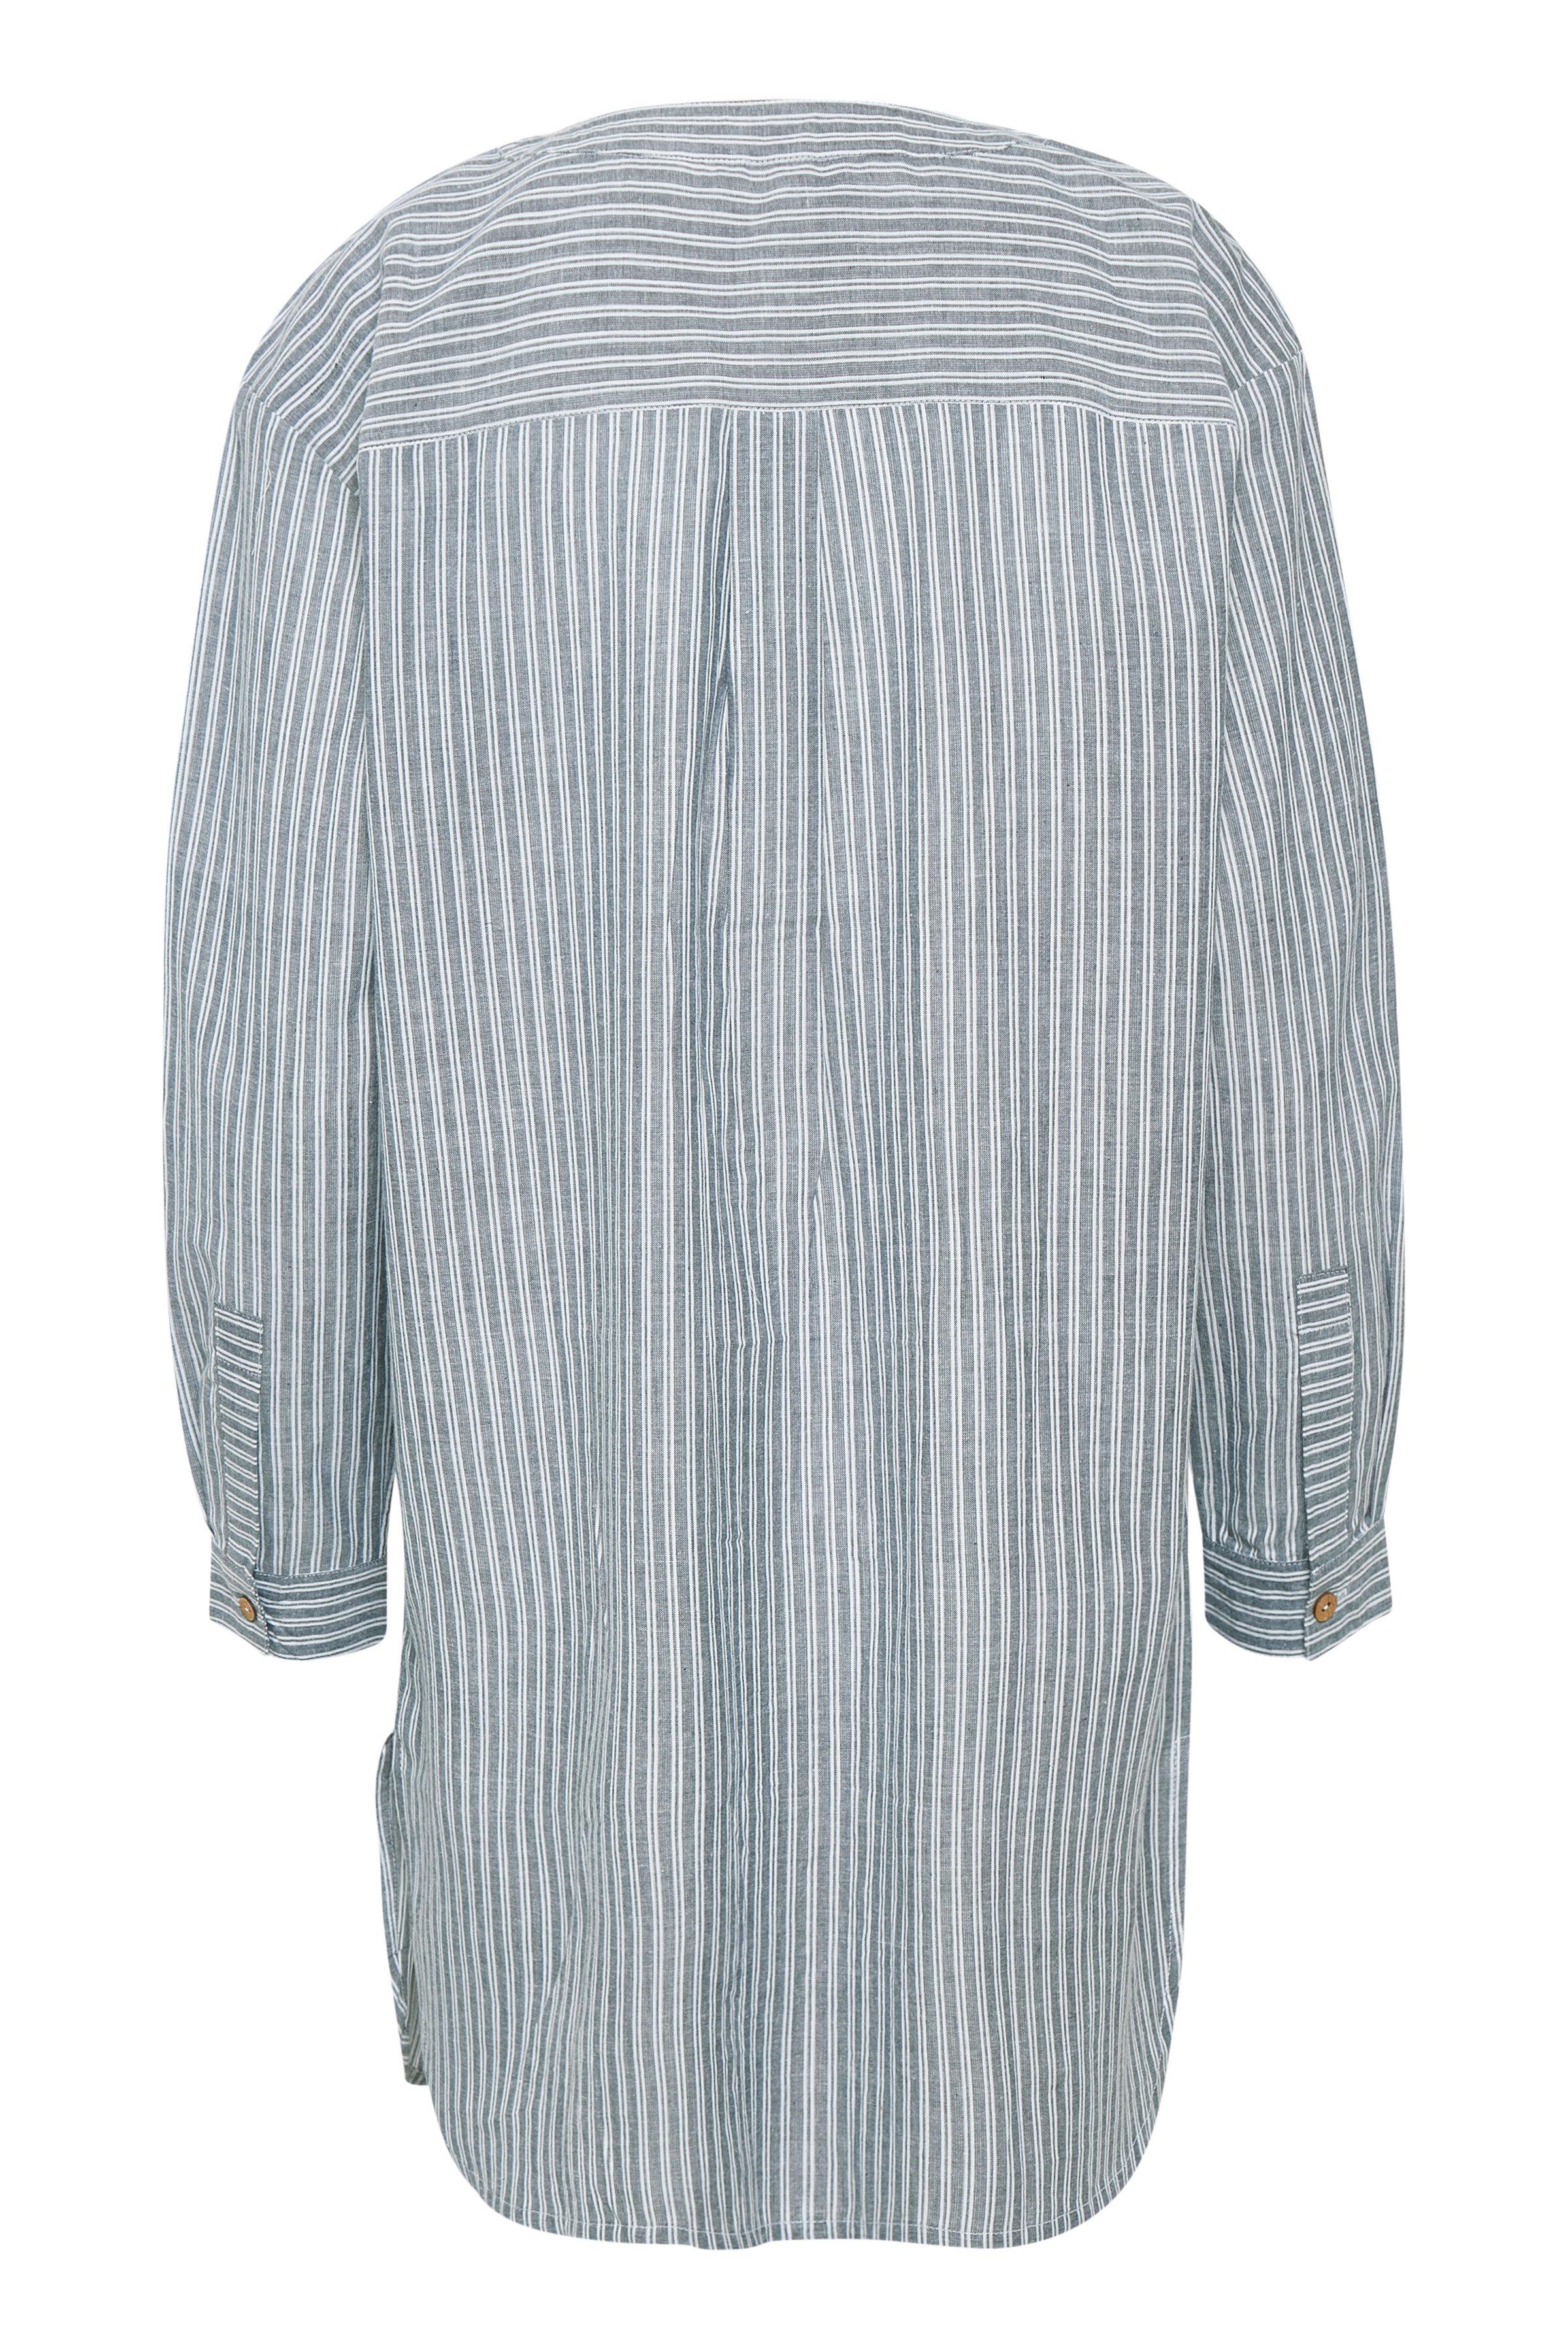 Lyseblå/hvid Tunika fra Bon'A Parte – Køb Lyseblå/hvid Tunika fra str. S-2XL her